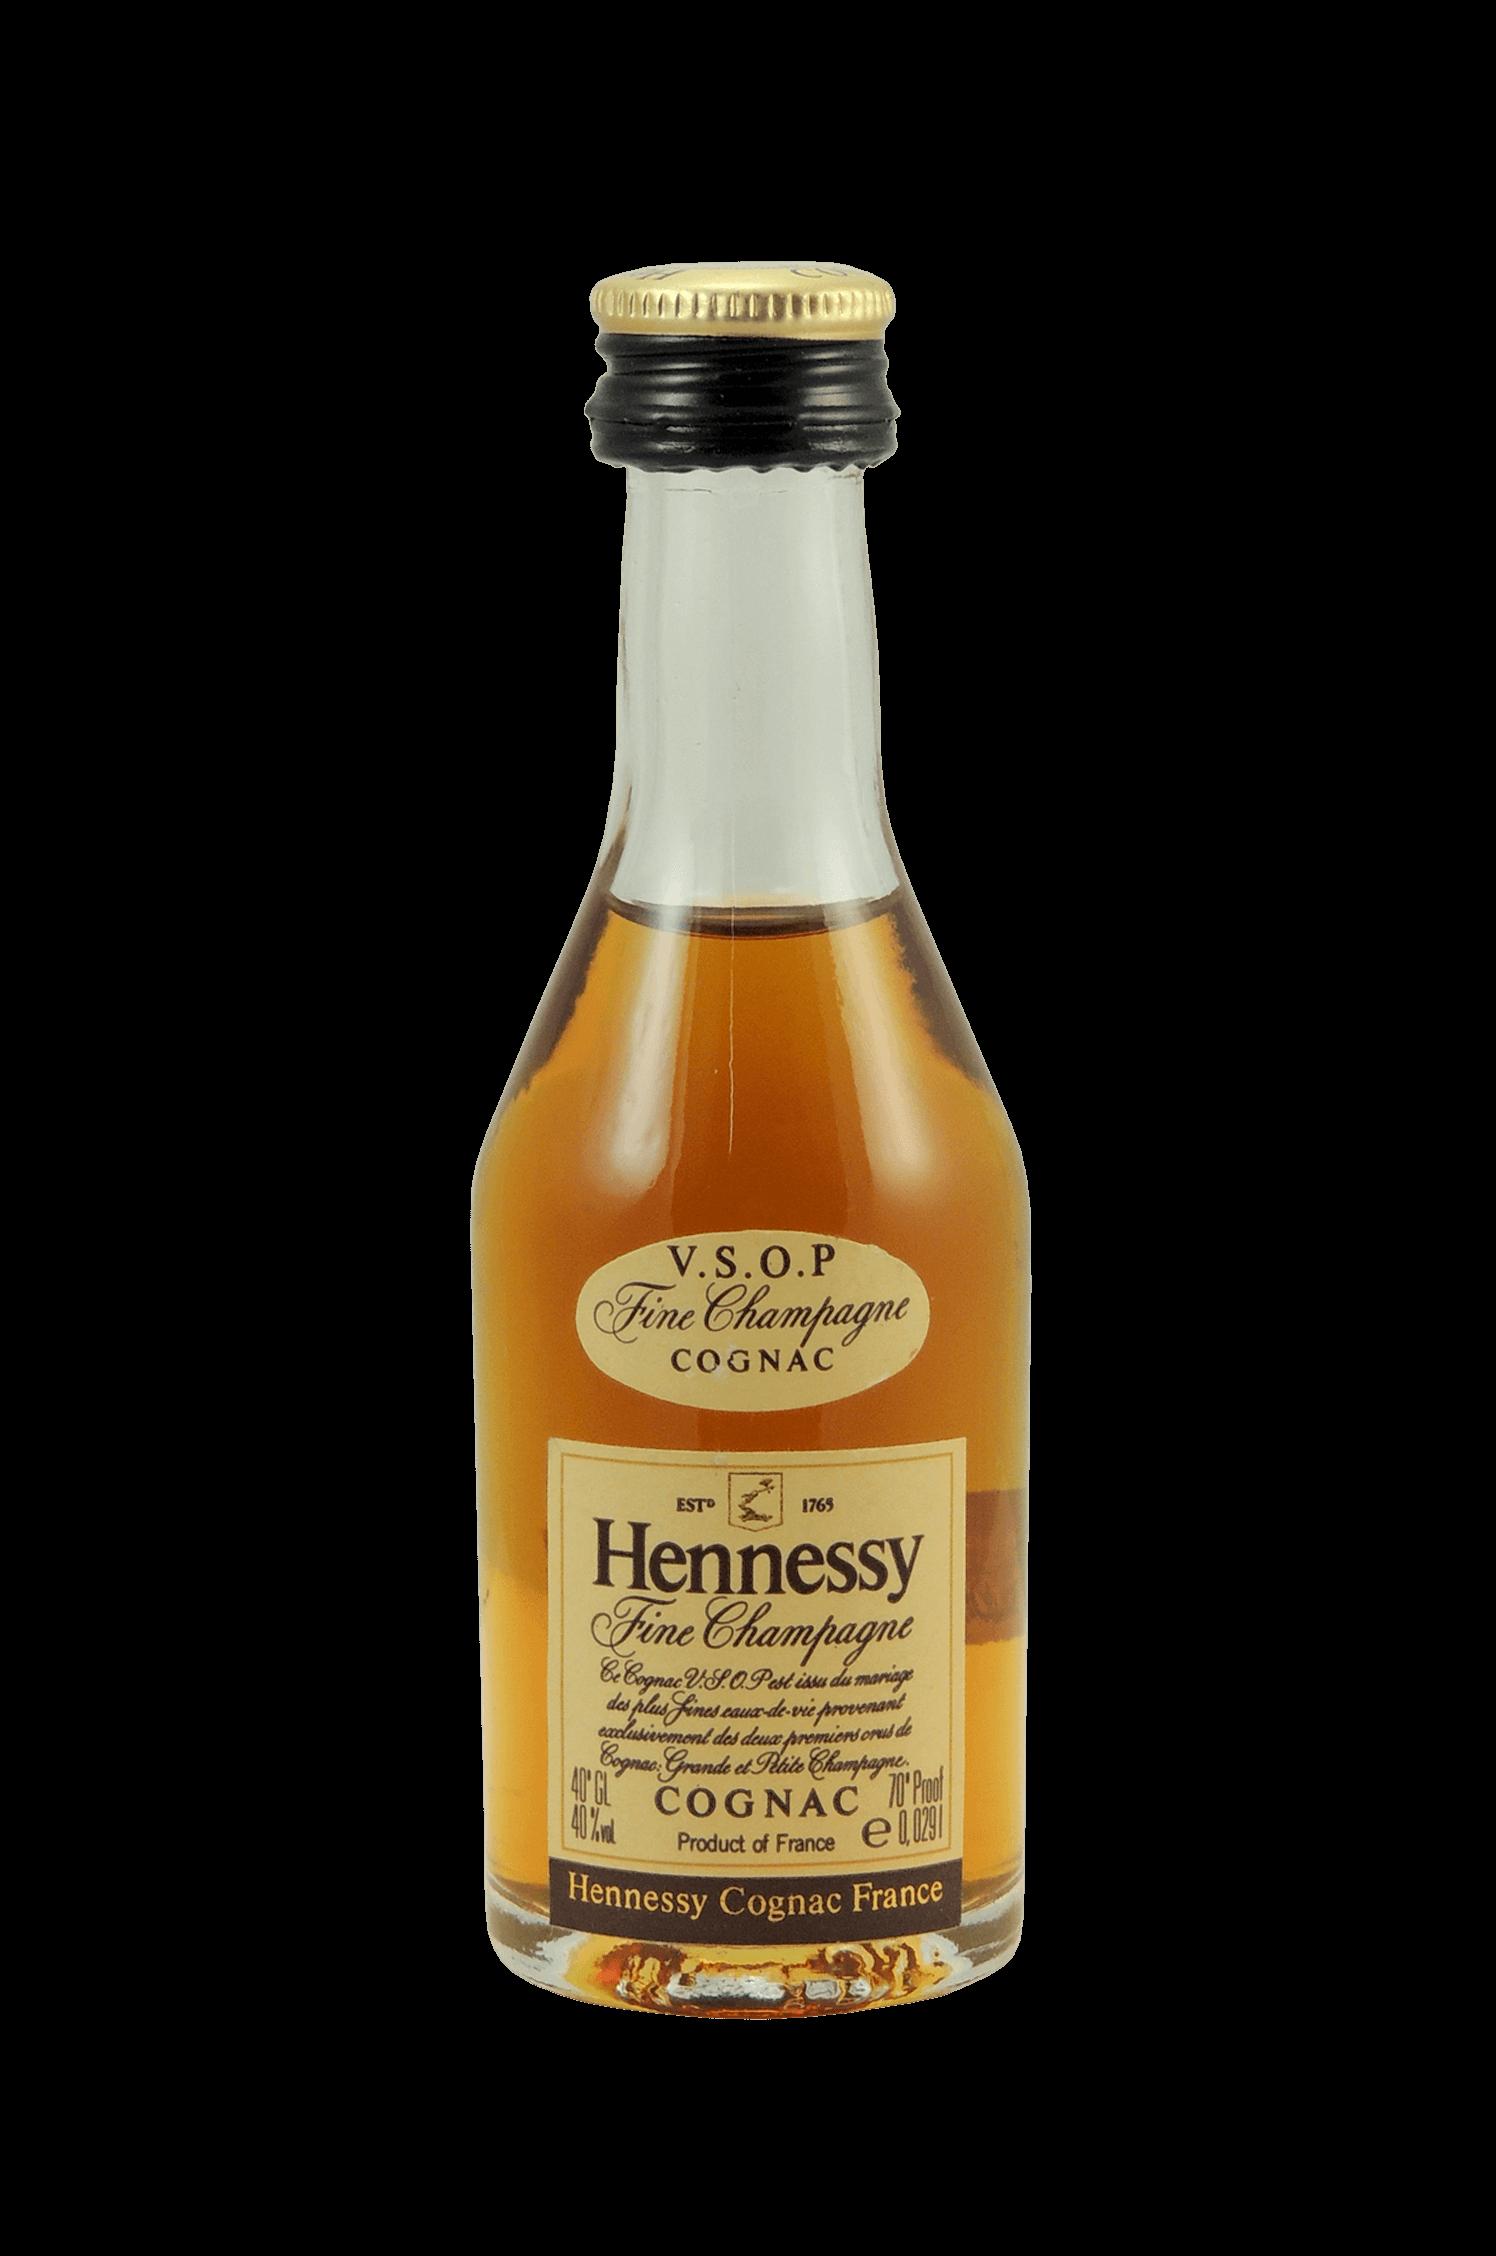 Hennessy V.S.O.P. Cognac